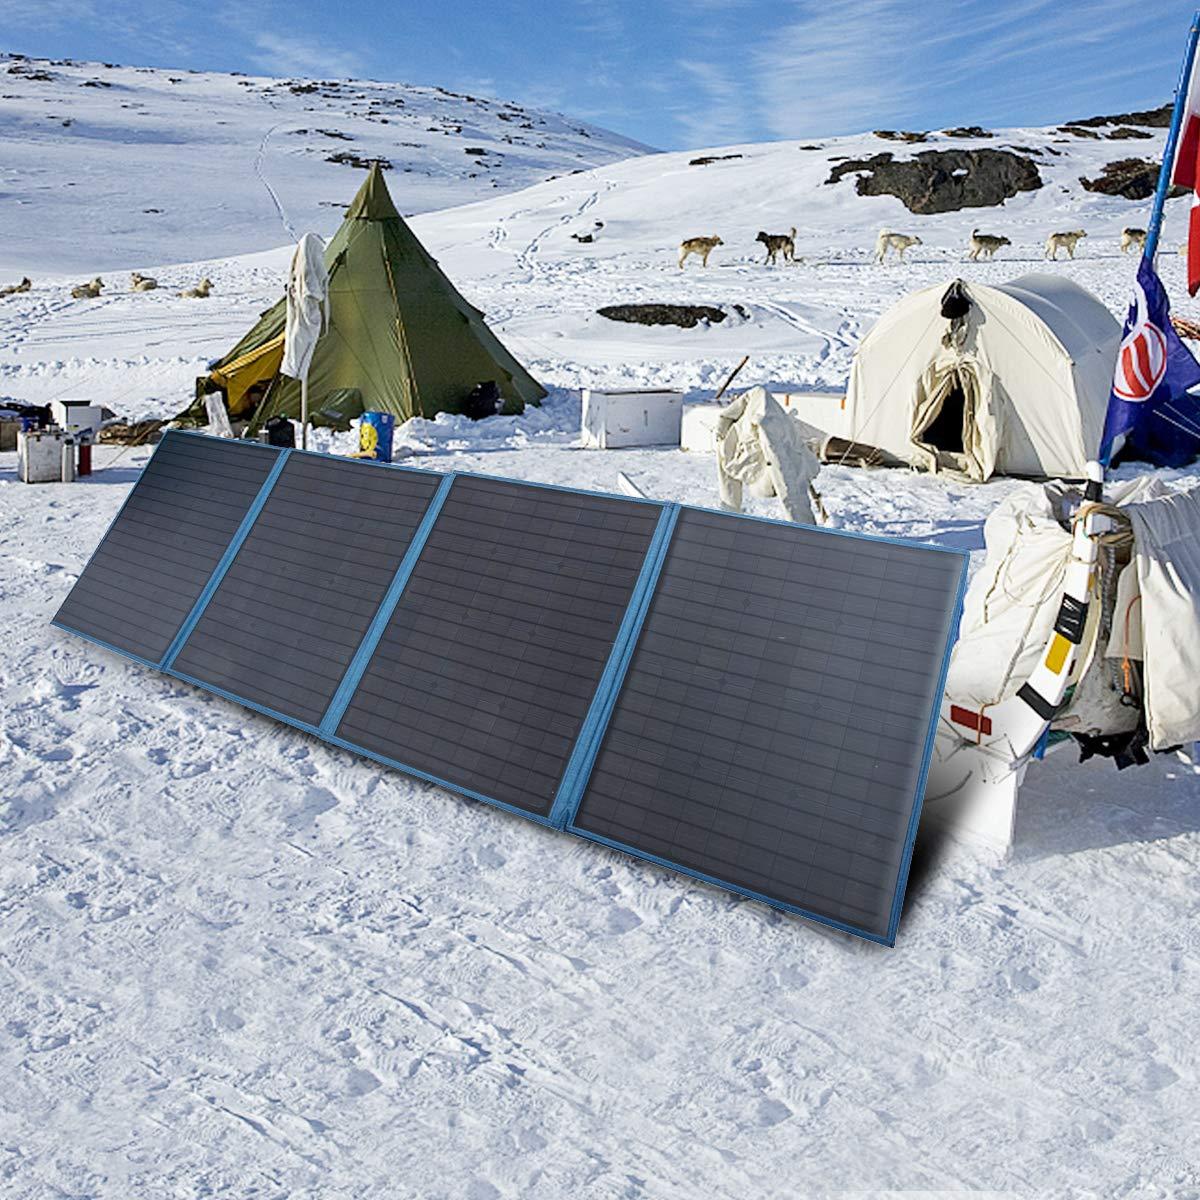 Betop-camp Panneau Solaire se Pliant Portatif de 200W 12V avec un Contr/ôleur de Charge Solaire de 15A pour le Campeur Rallyes de Camping-car Syst/ème 12V de Bureaux Mobiles